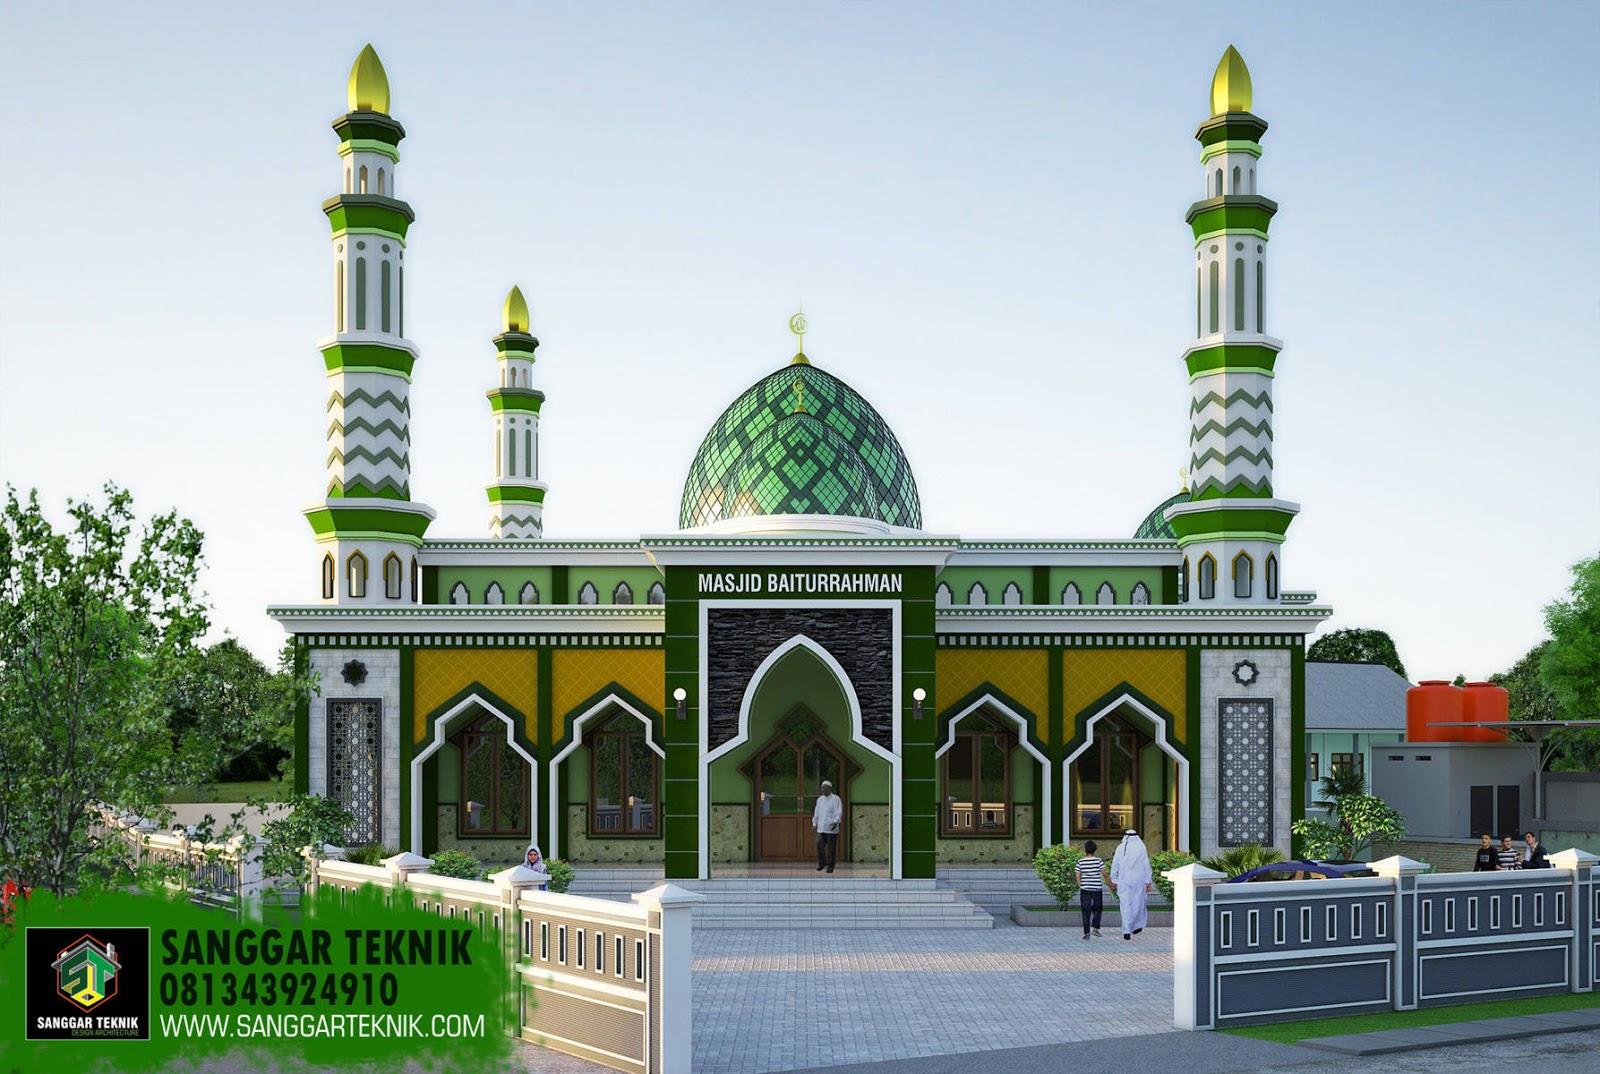 Desain Pagar Masjid Modern - Rumah Joglo Limasan Work